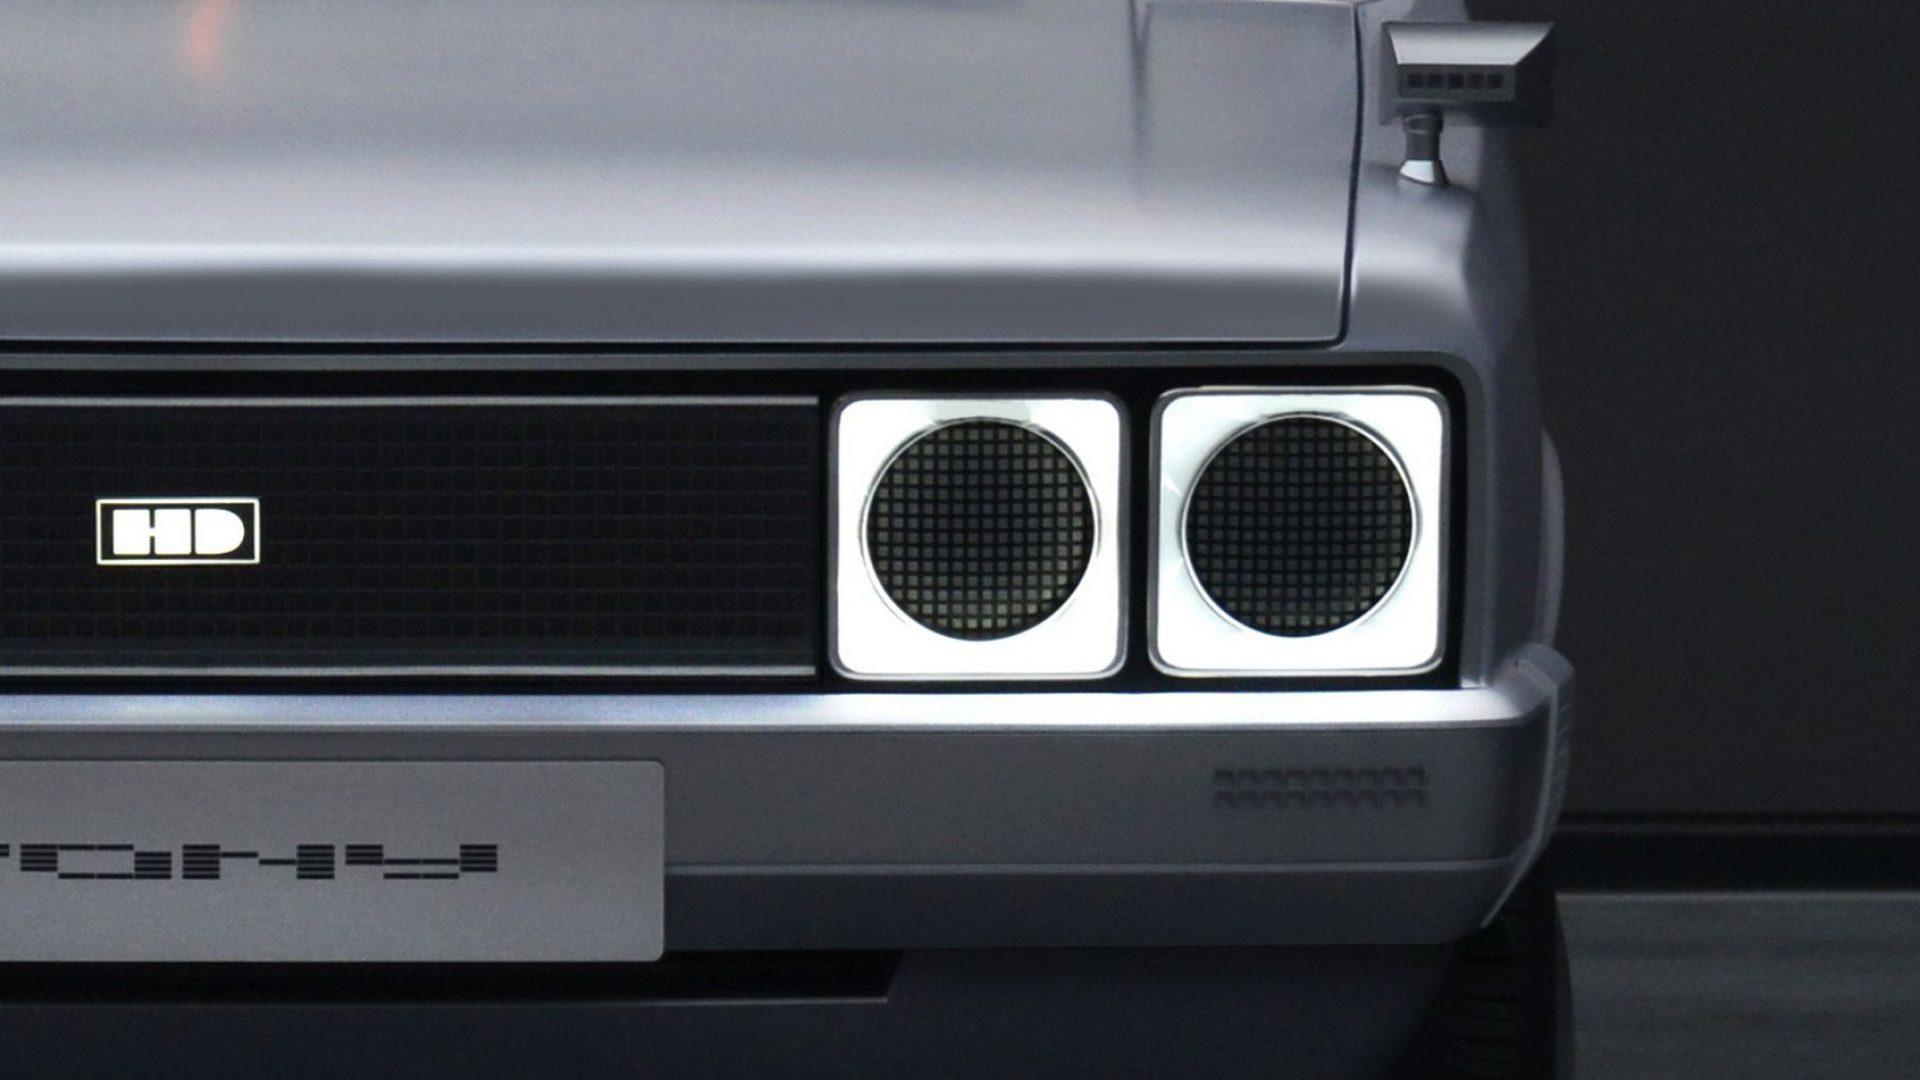 2021-Hyundai-Pony-EV-Show-Car-08